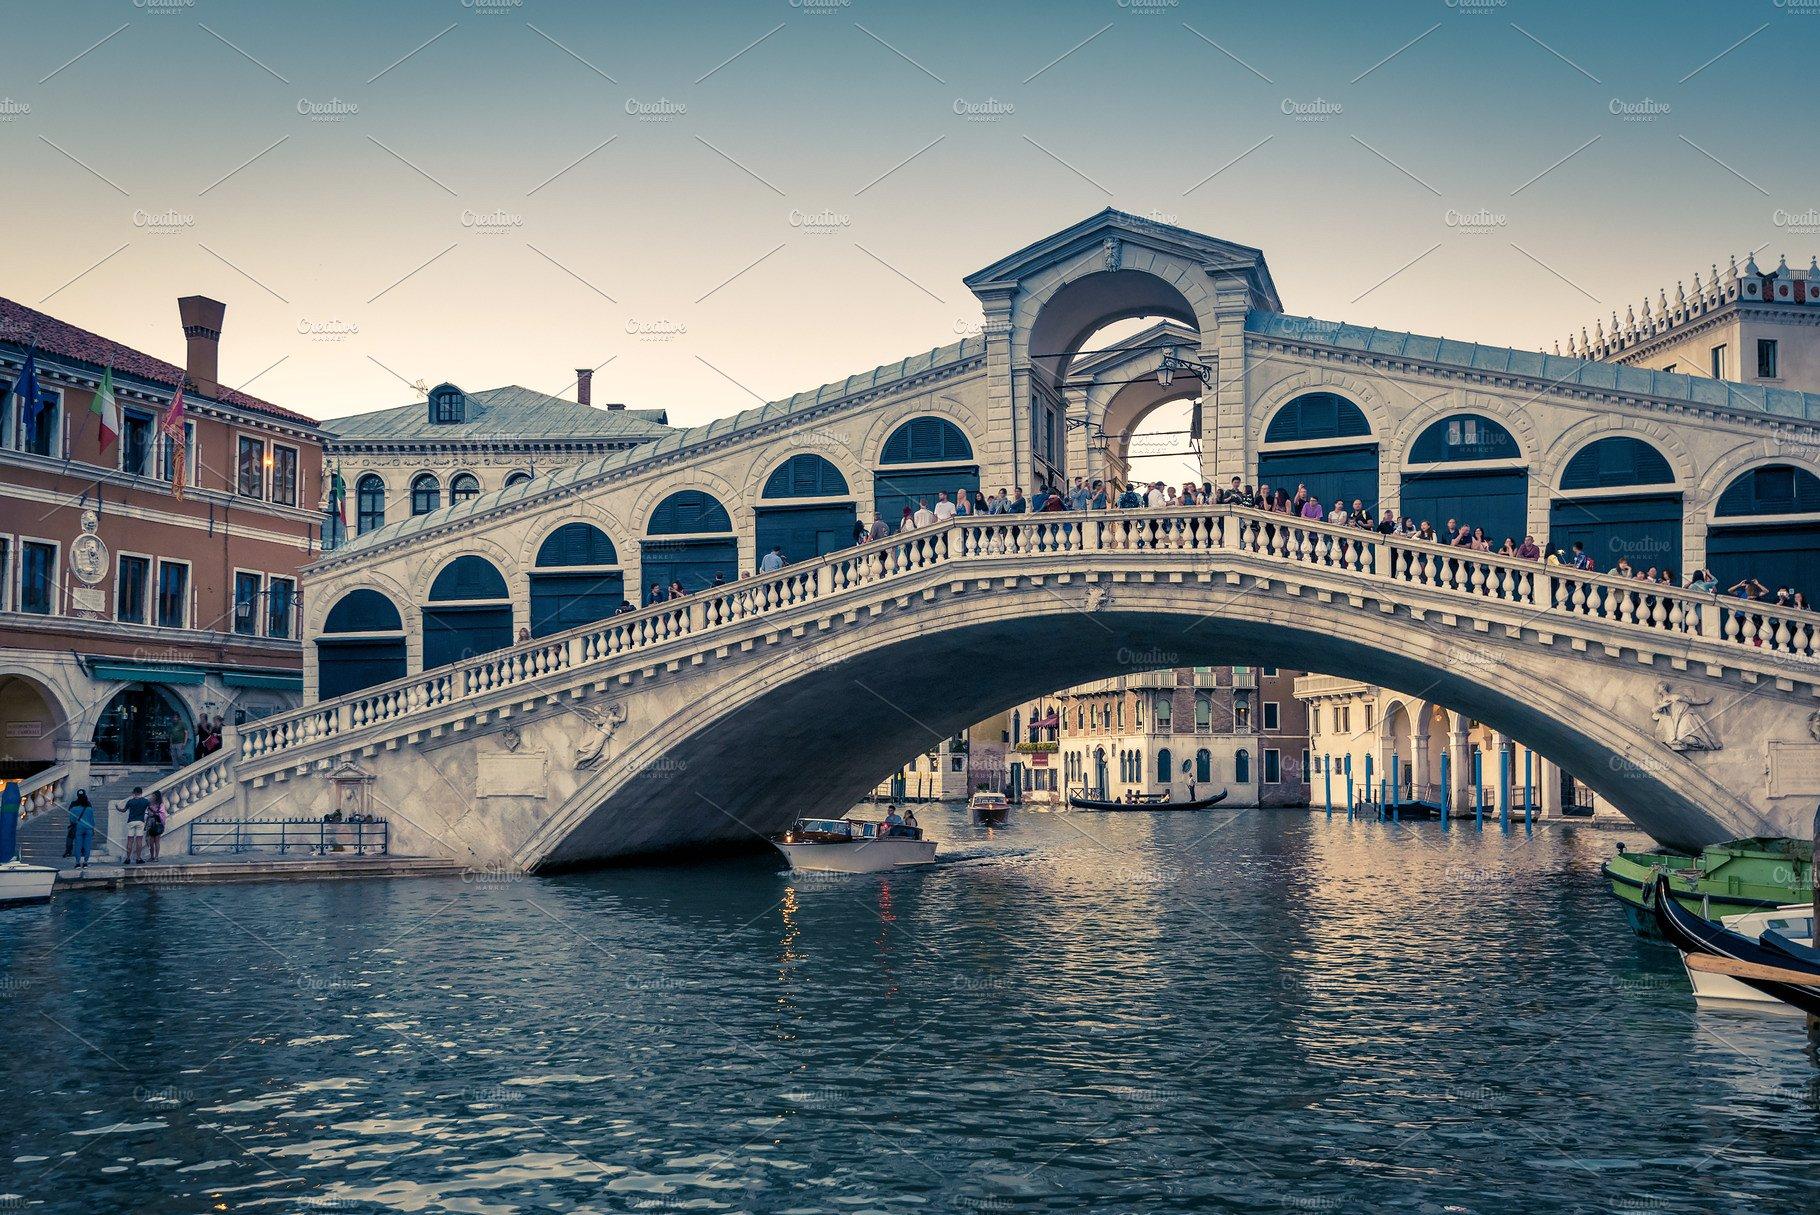 Rialto bridge photo